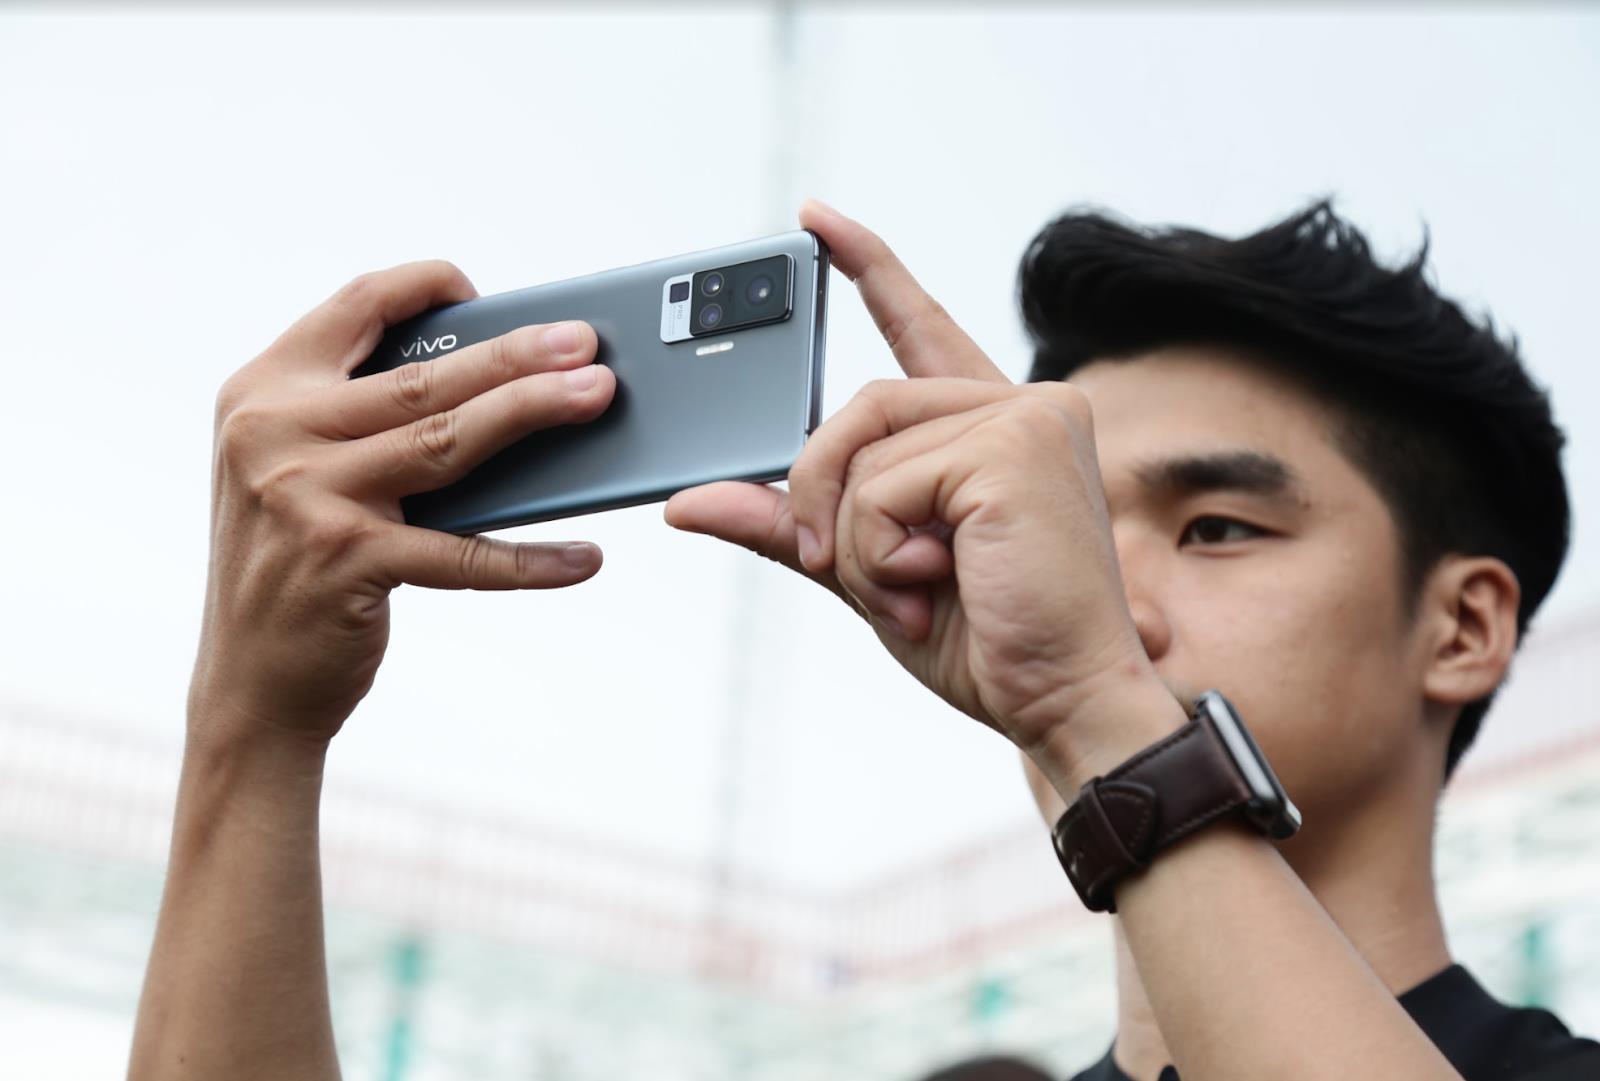 Bất ngờ rò rỉ video bóc tem vivo X50 Pro đầu tiên tại Việt Nam - Ảnh 4.